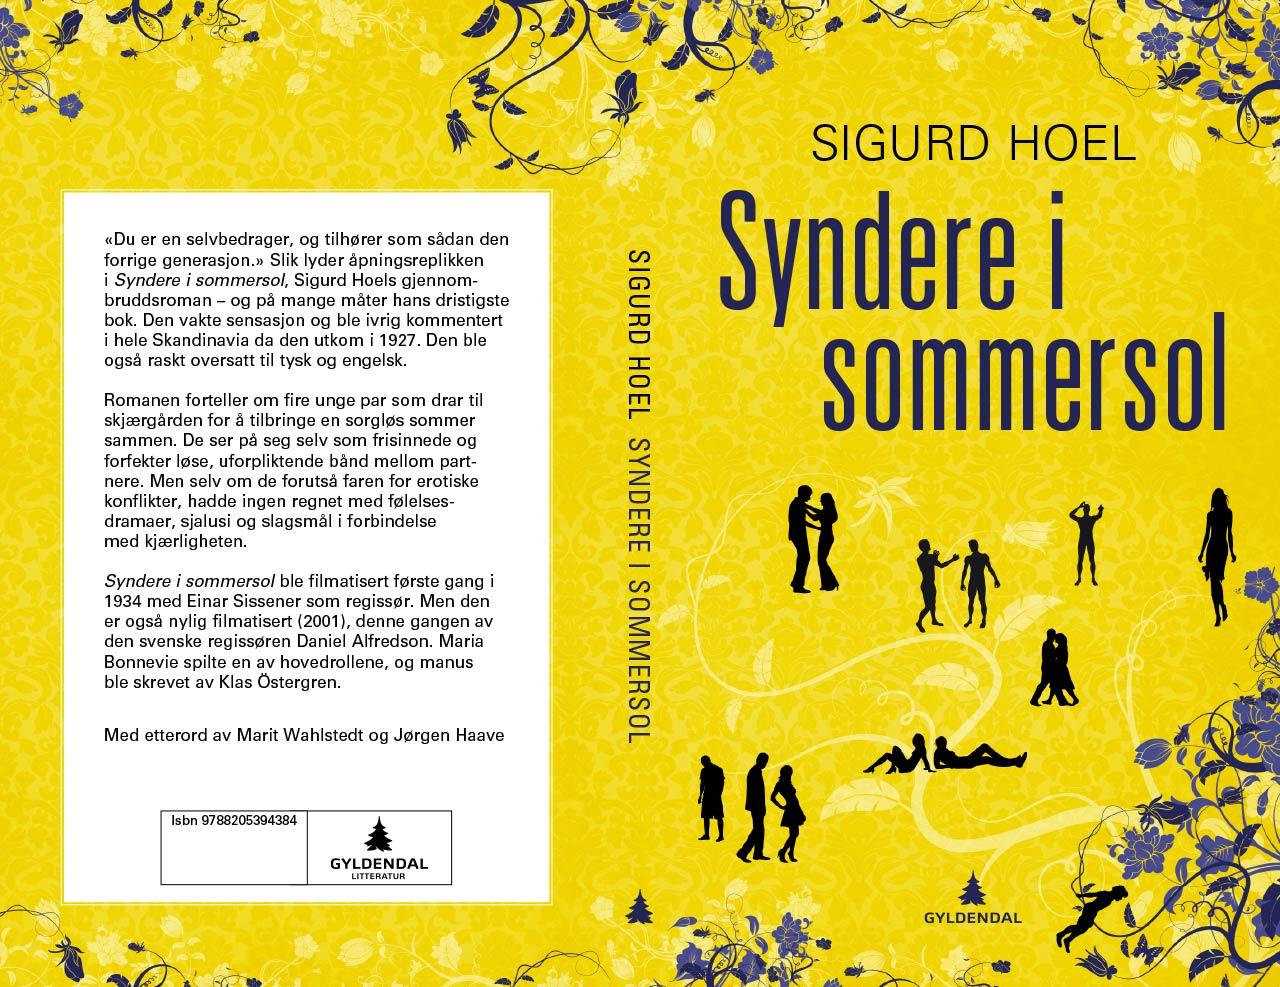 Sigurd Hoel | Syndere i sommersol